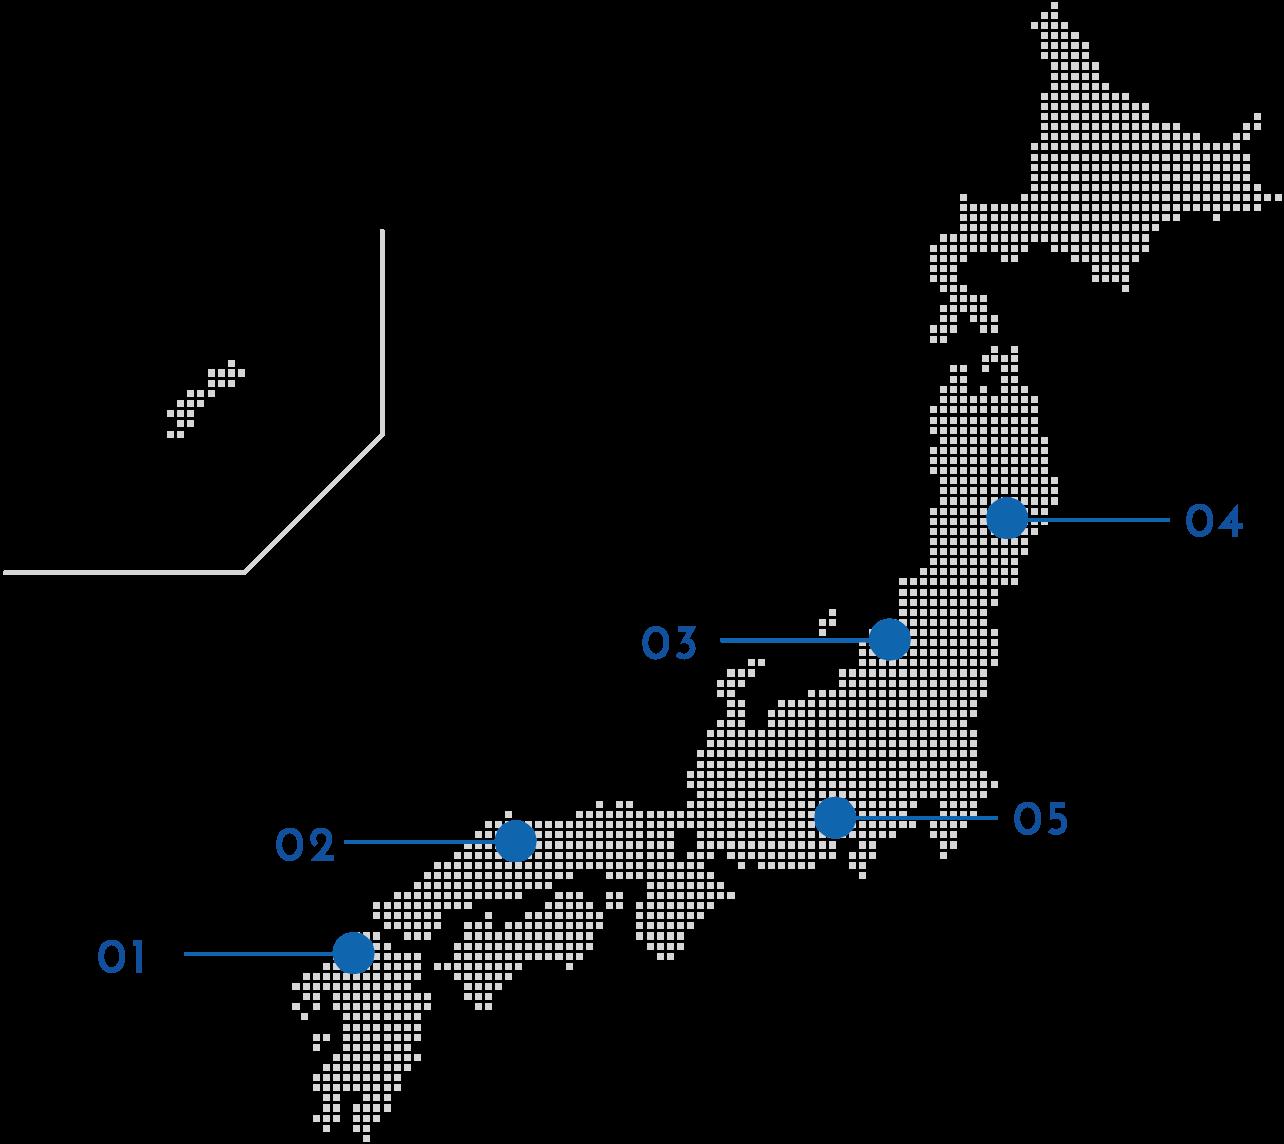 加盟店マップ